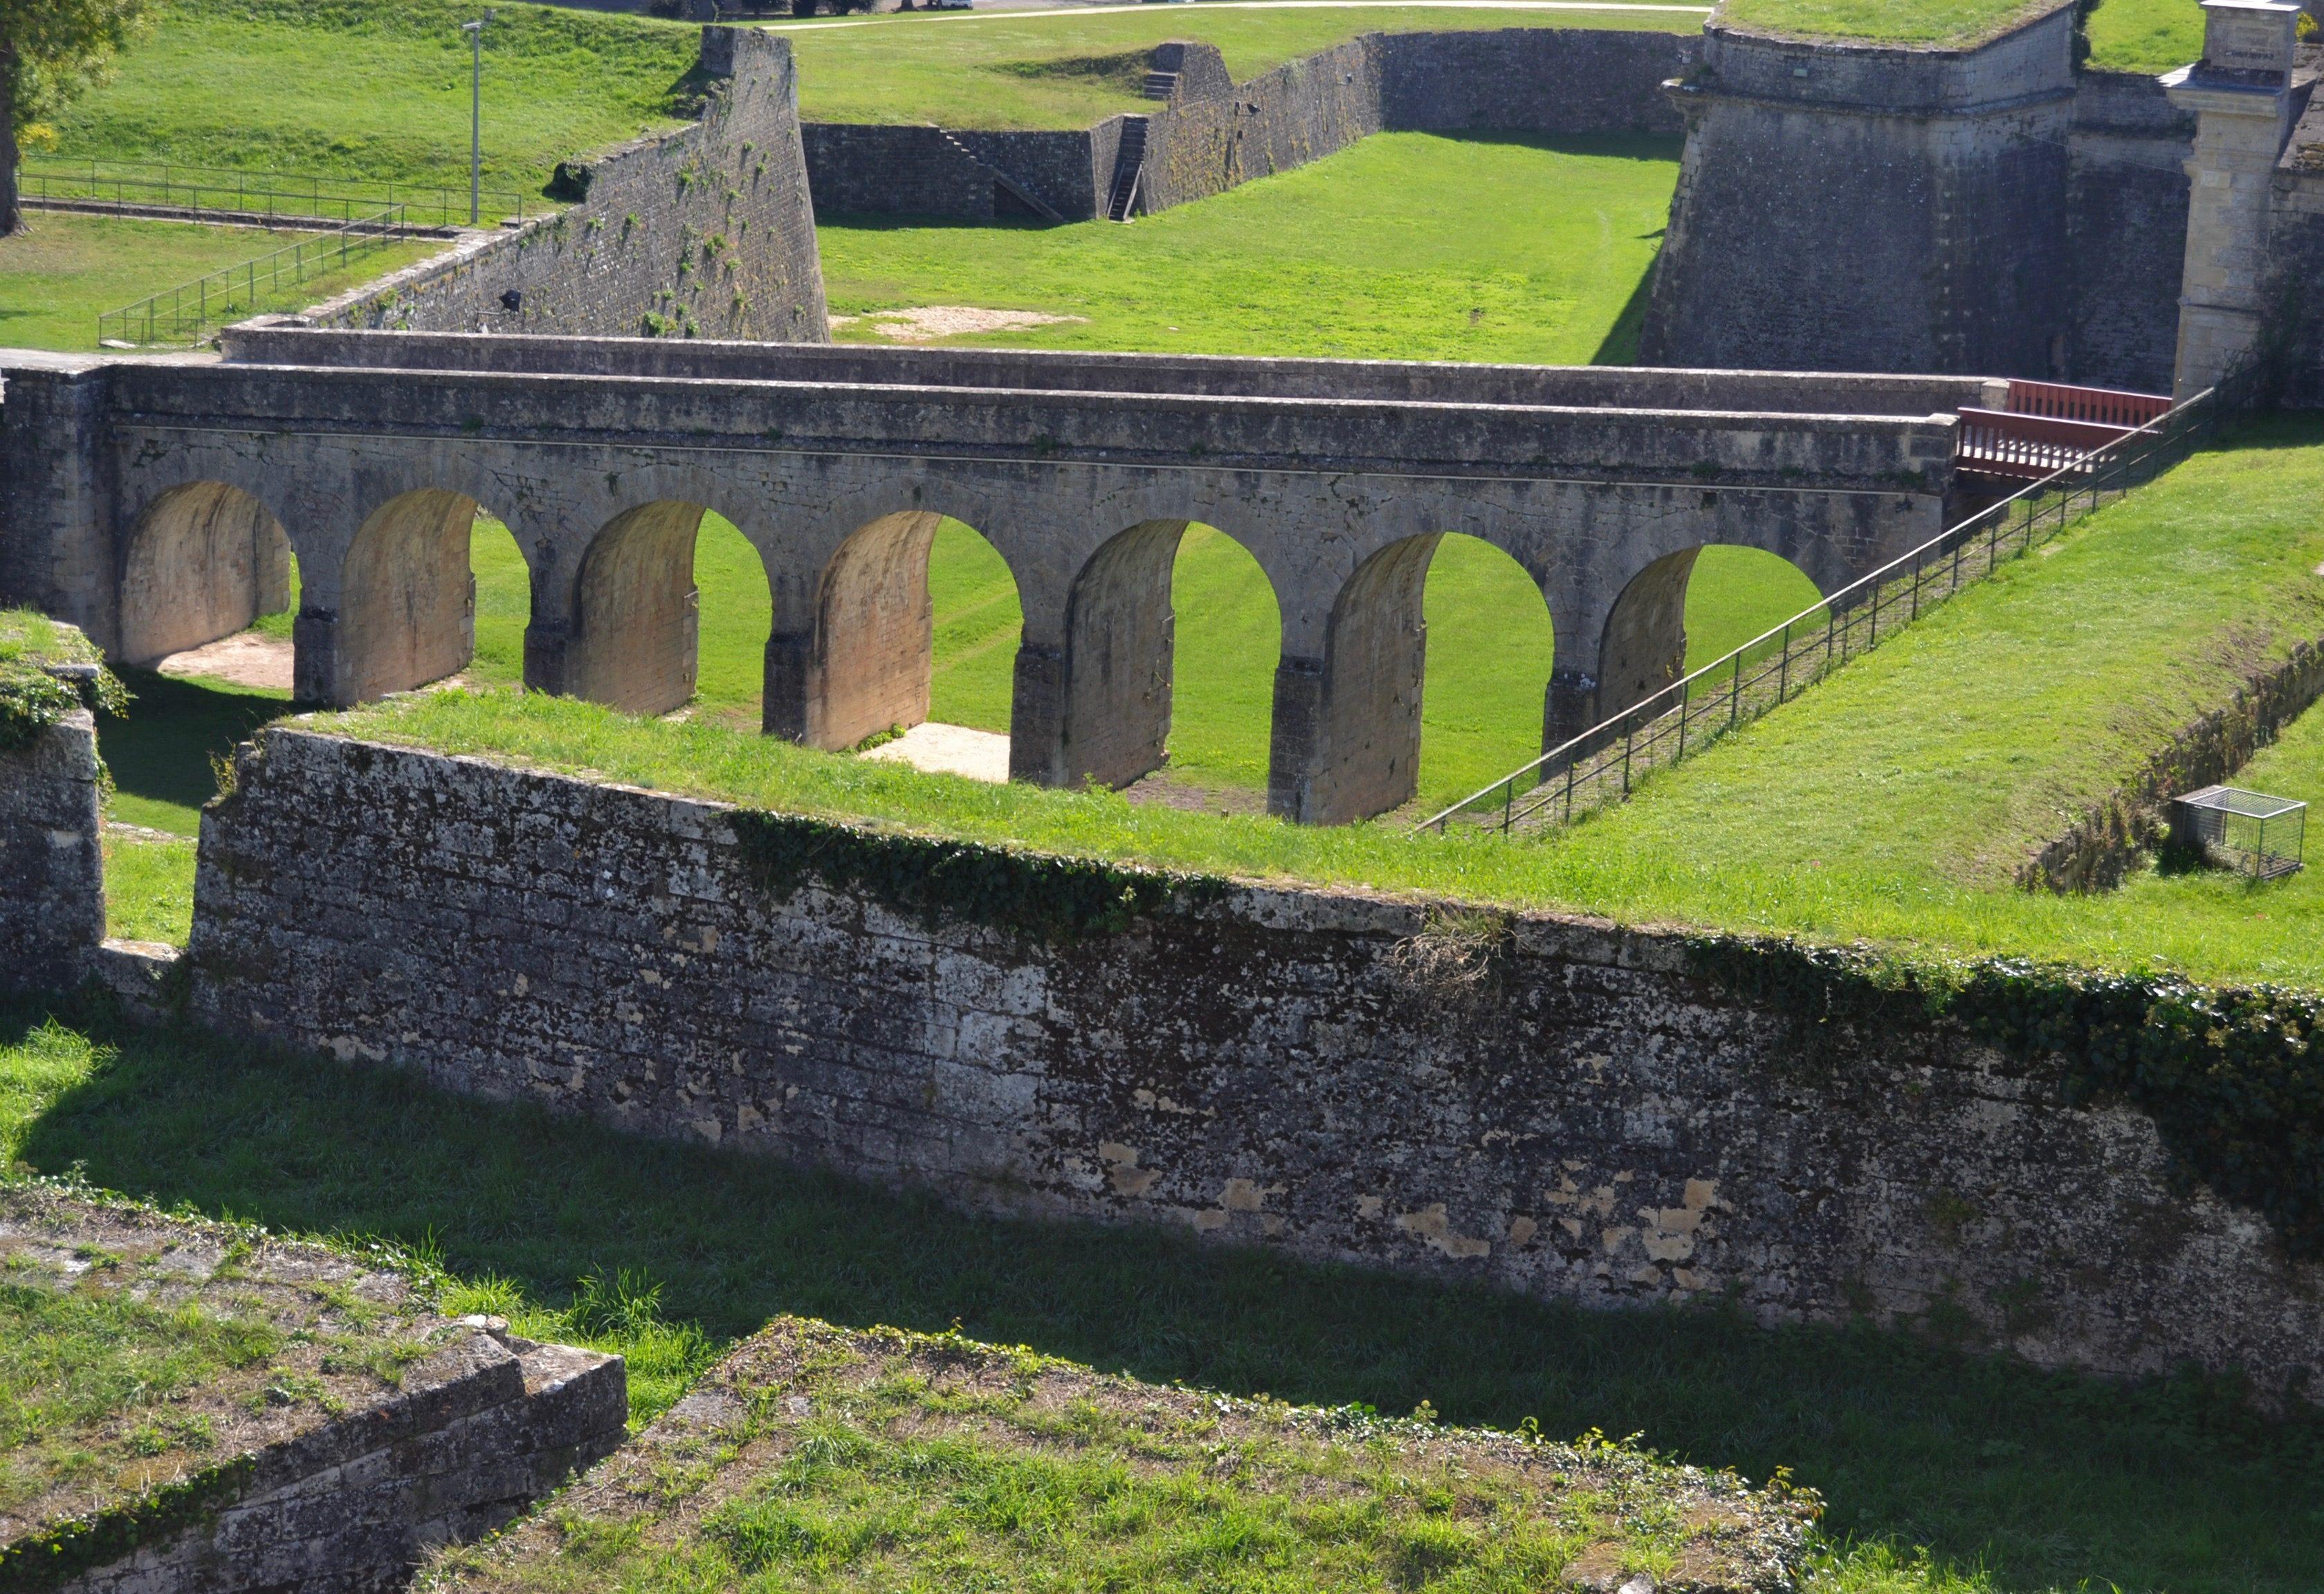 Citadelle de Blaye Escapade à la Citadelle de Blaye visite de la Citadelle de Blaye A la découverte de la Citadelle de Blaye Avis sur la Citadelle de Blaye Tourisme Blaye les p'tits touristes blog voyage les petits touristes